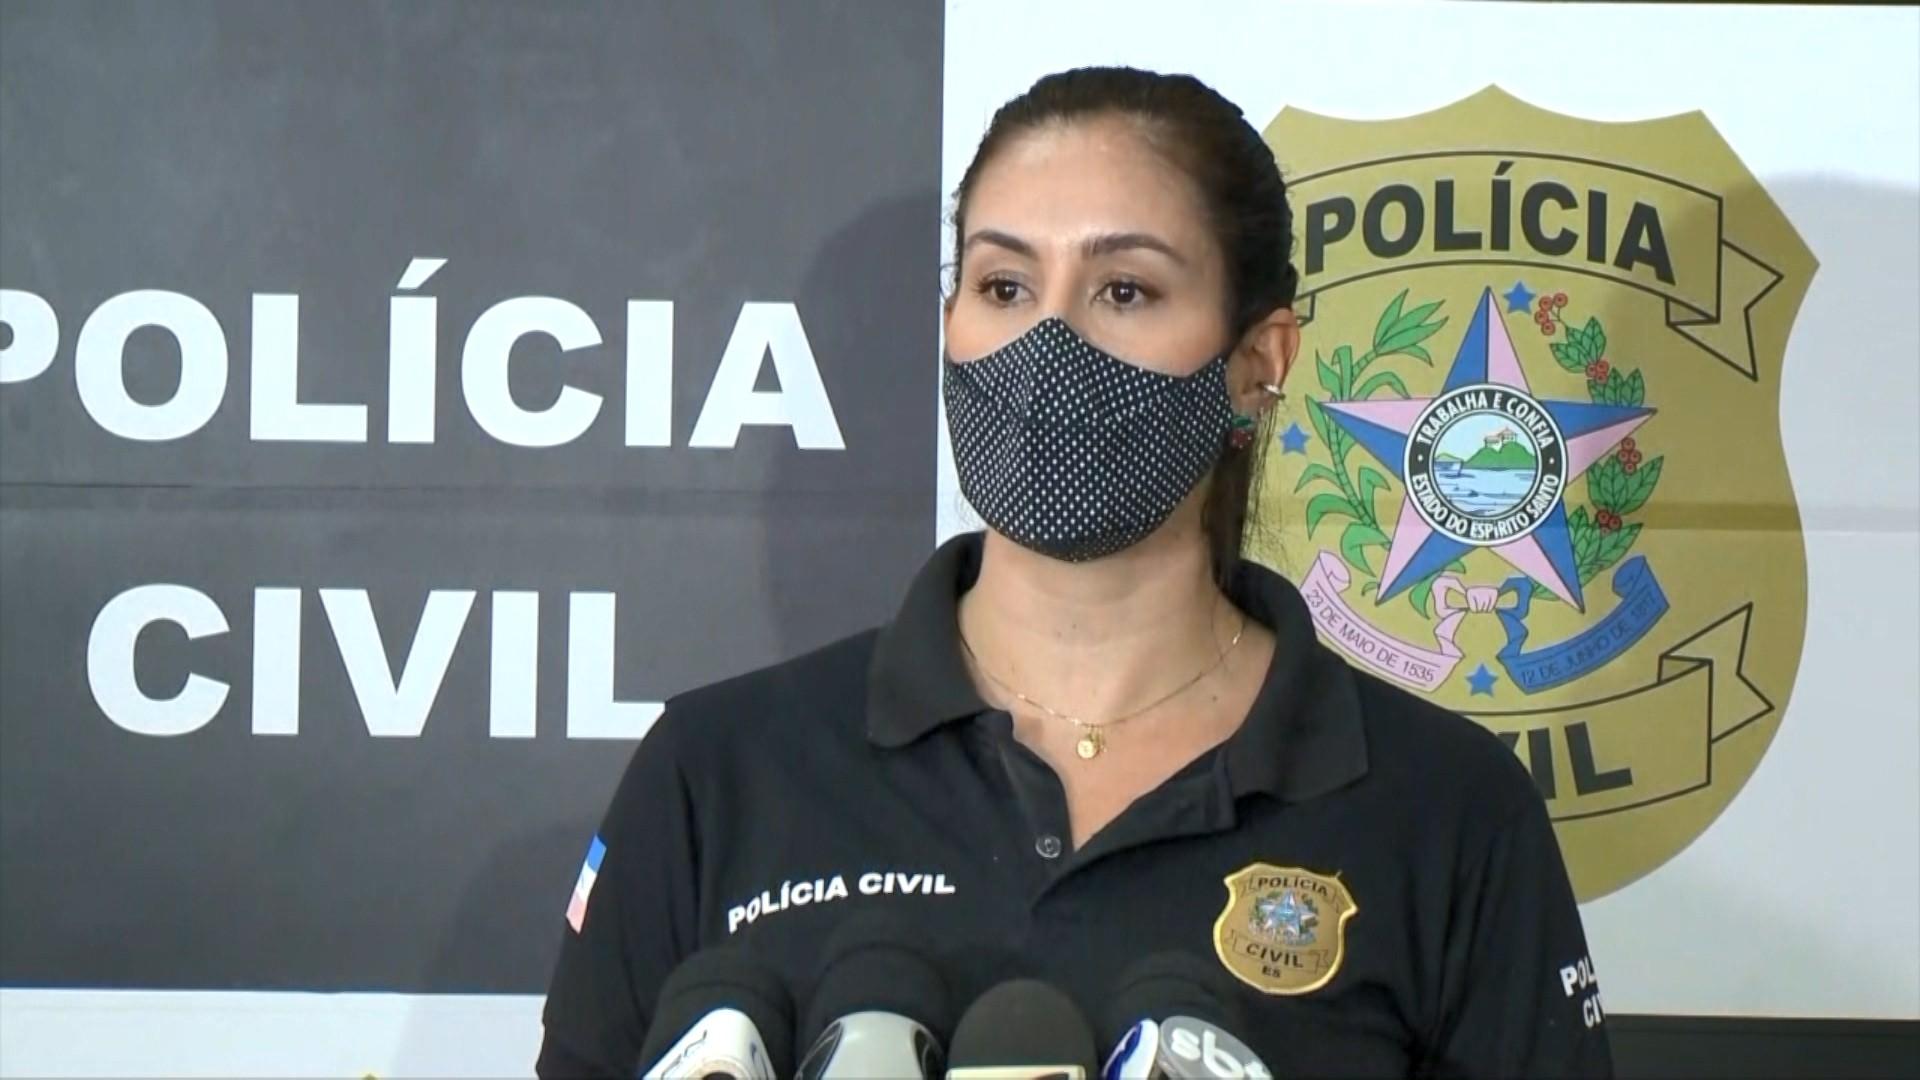 Polícia conclui que adolescente encontrada em cova rasa no ES foi morta pelo ex-namorado